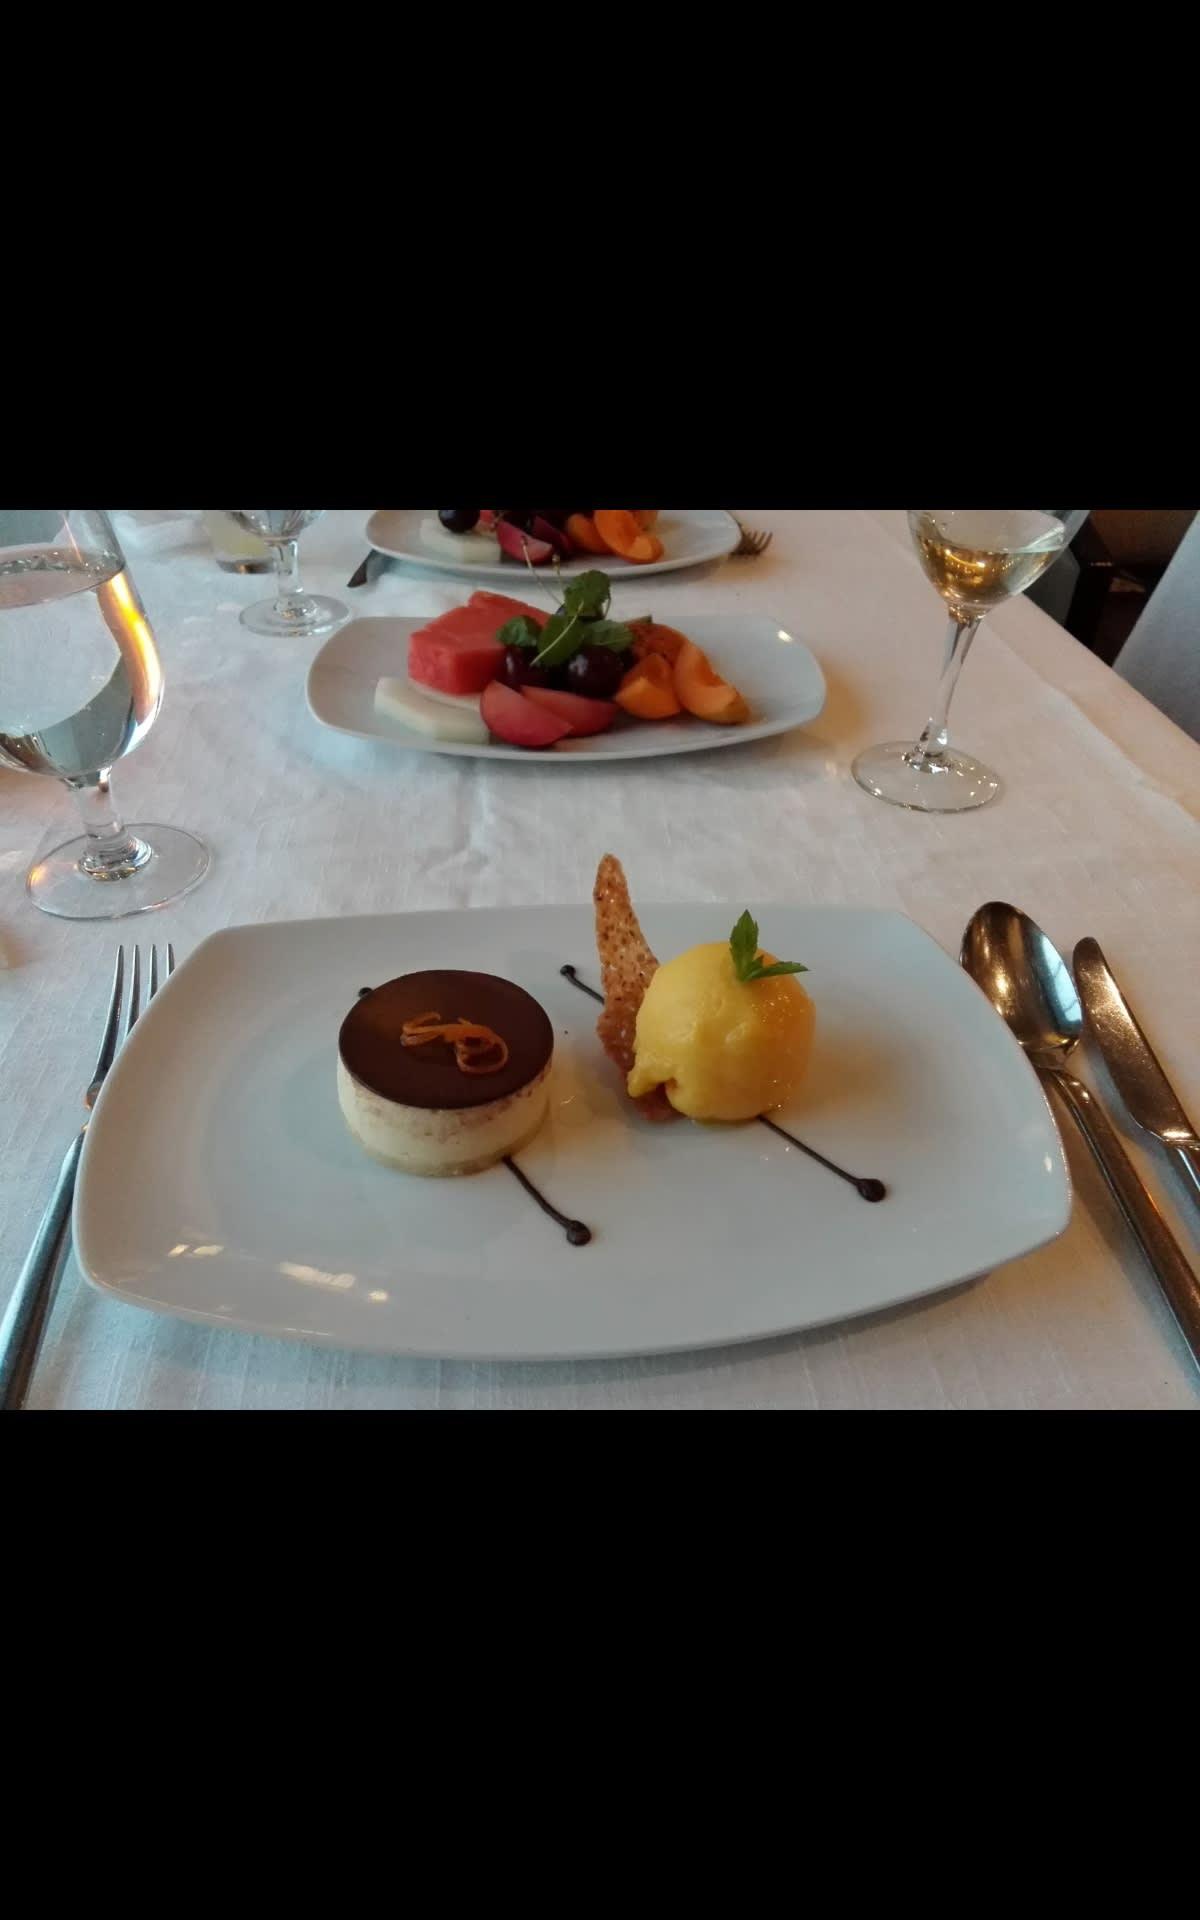 デザート | 客船アザマラ・クエストのダイニング、フード&ドリンク